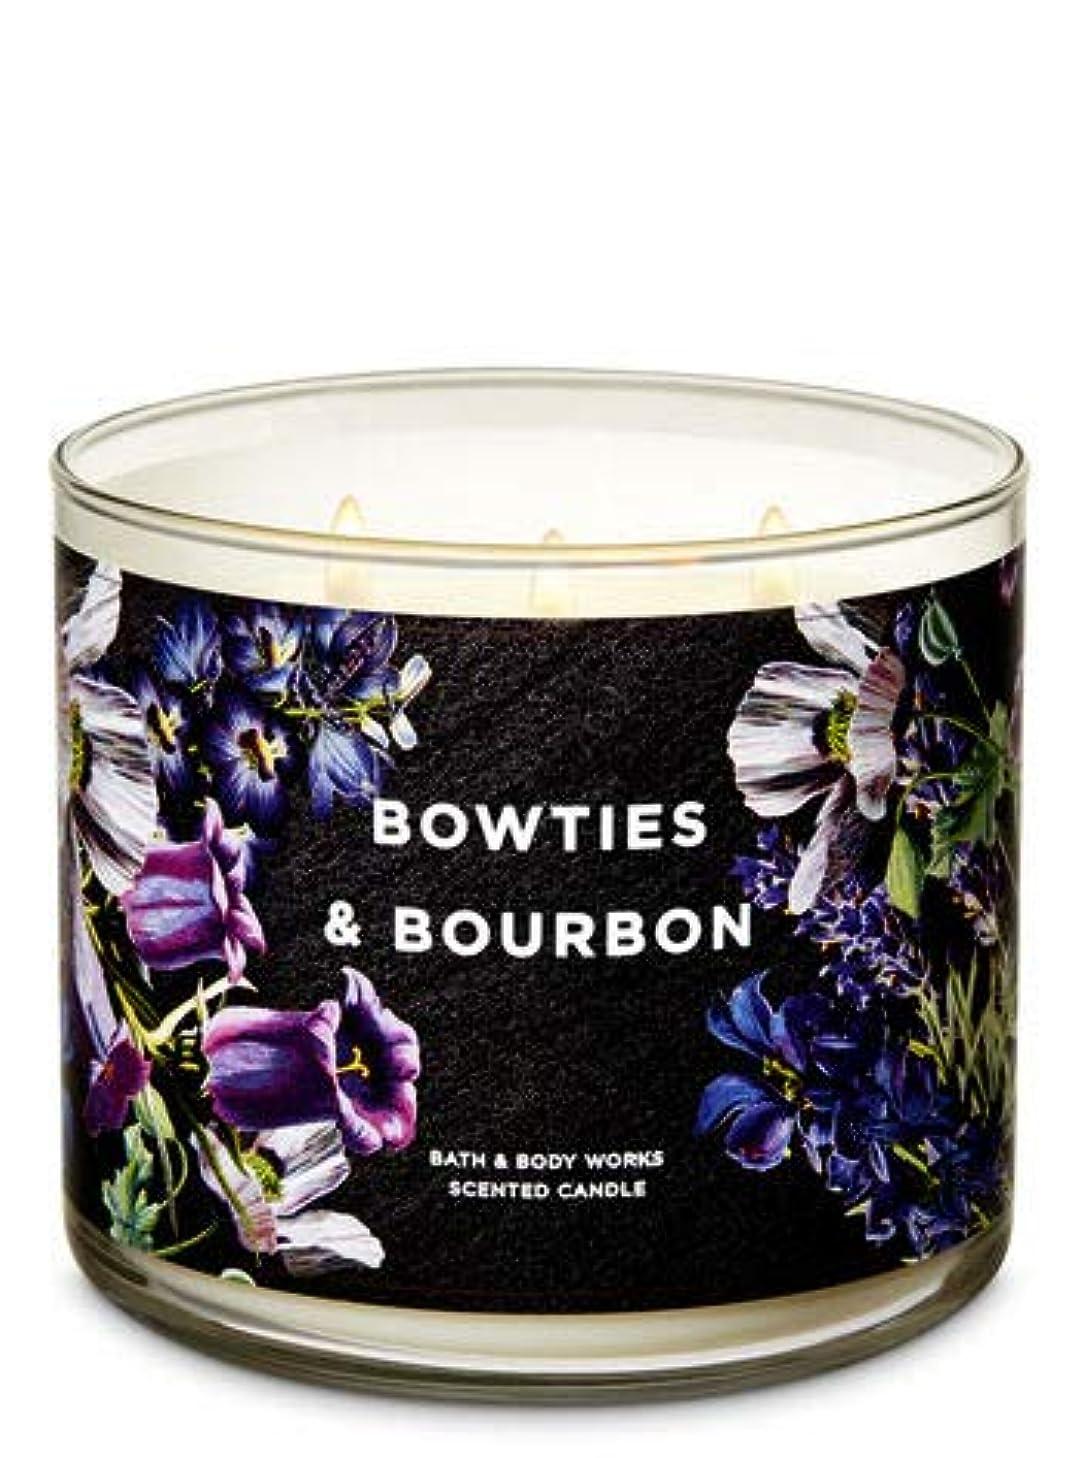 インストール現代光【Bath&Body Works/バス&ボディワークス】 アロマキャンドル ボウタイ&バーボン 3-Wick Scented Candle Bowties & Bourbon 14.5oz/411g [並行輸入品]